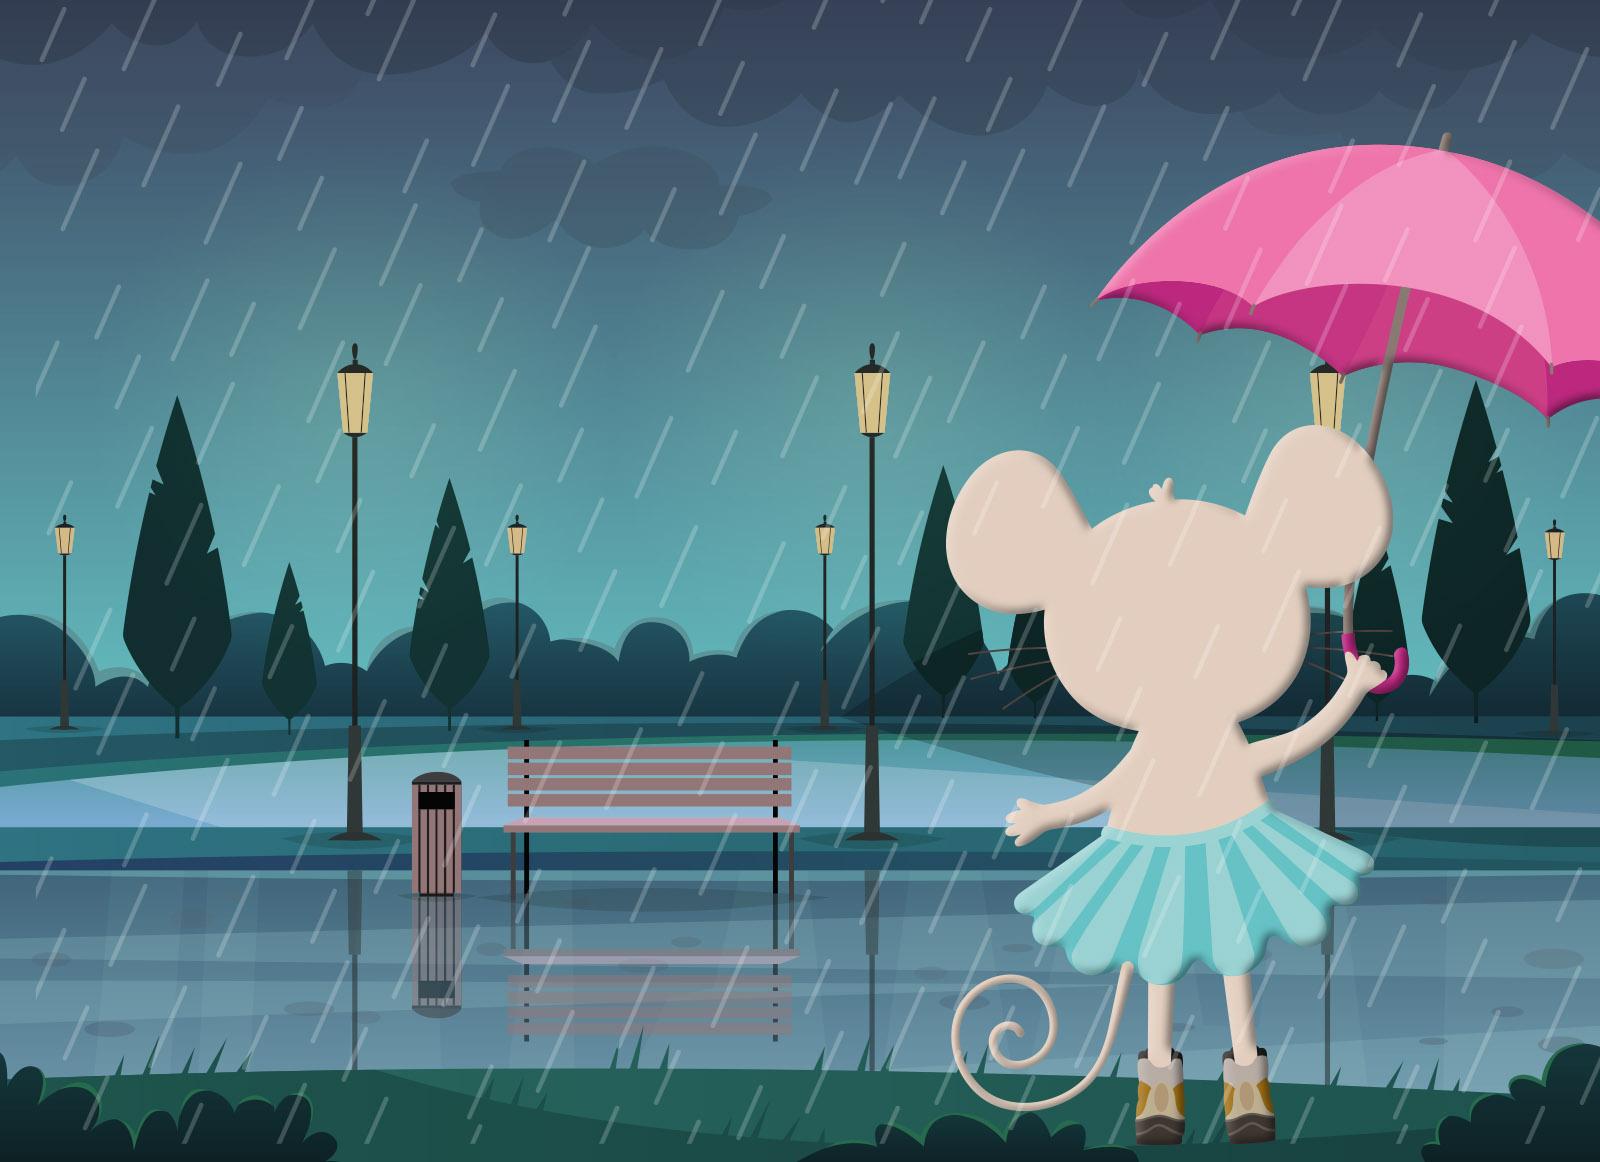 Lua Marthin de paseo con lluvia